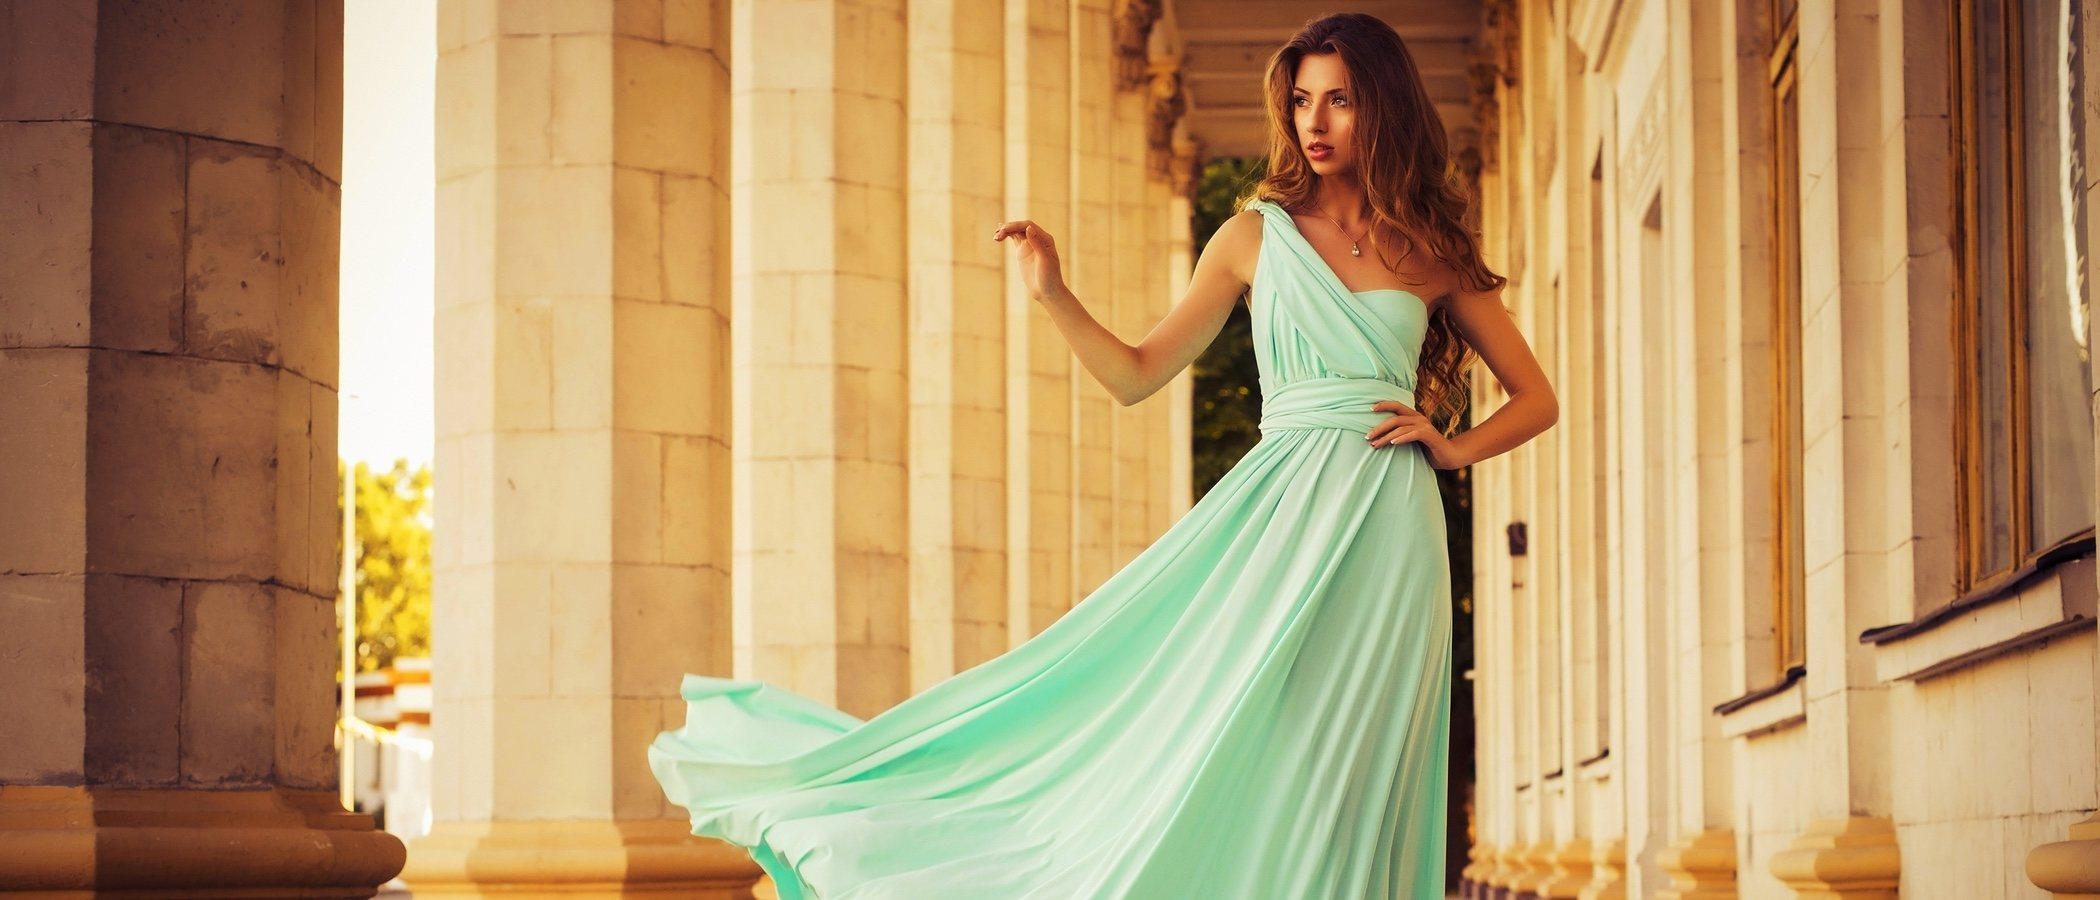 Cómo vestirse para ir de boda en verano